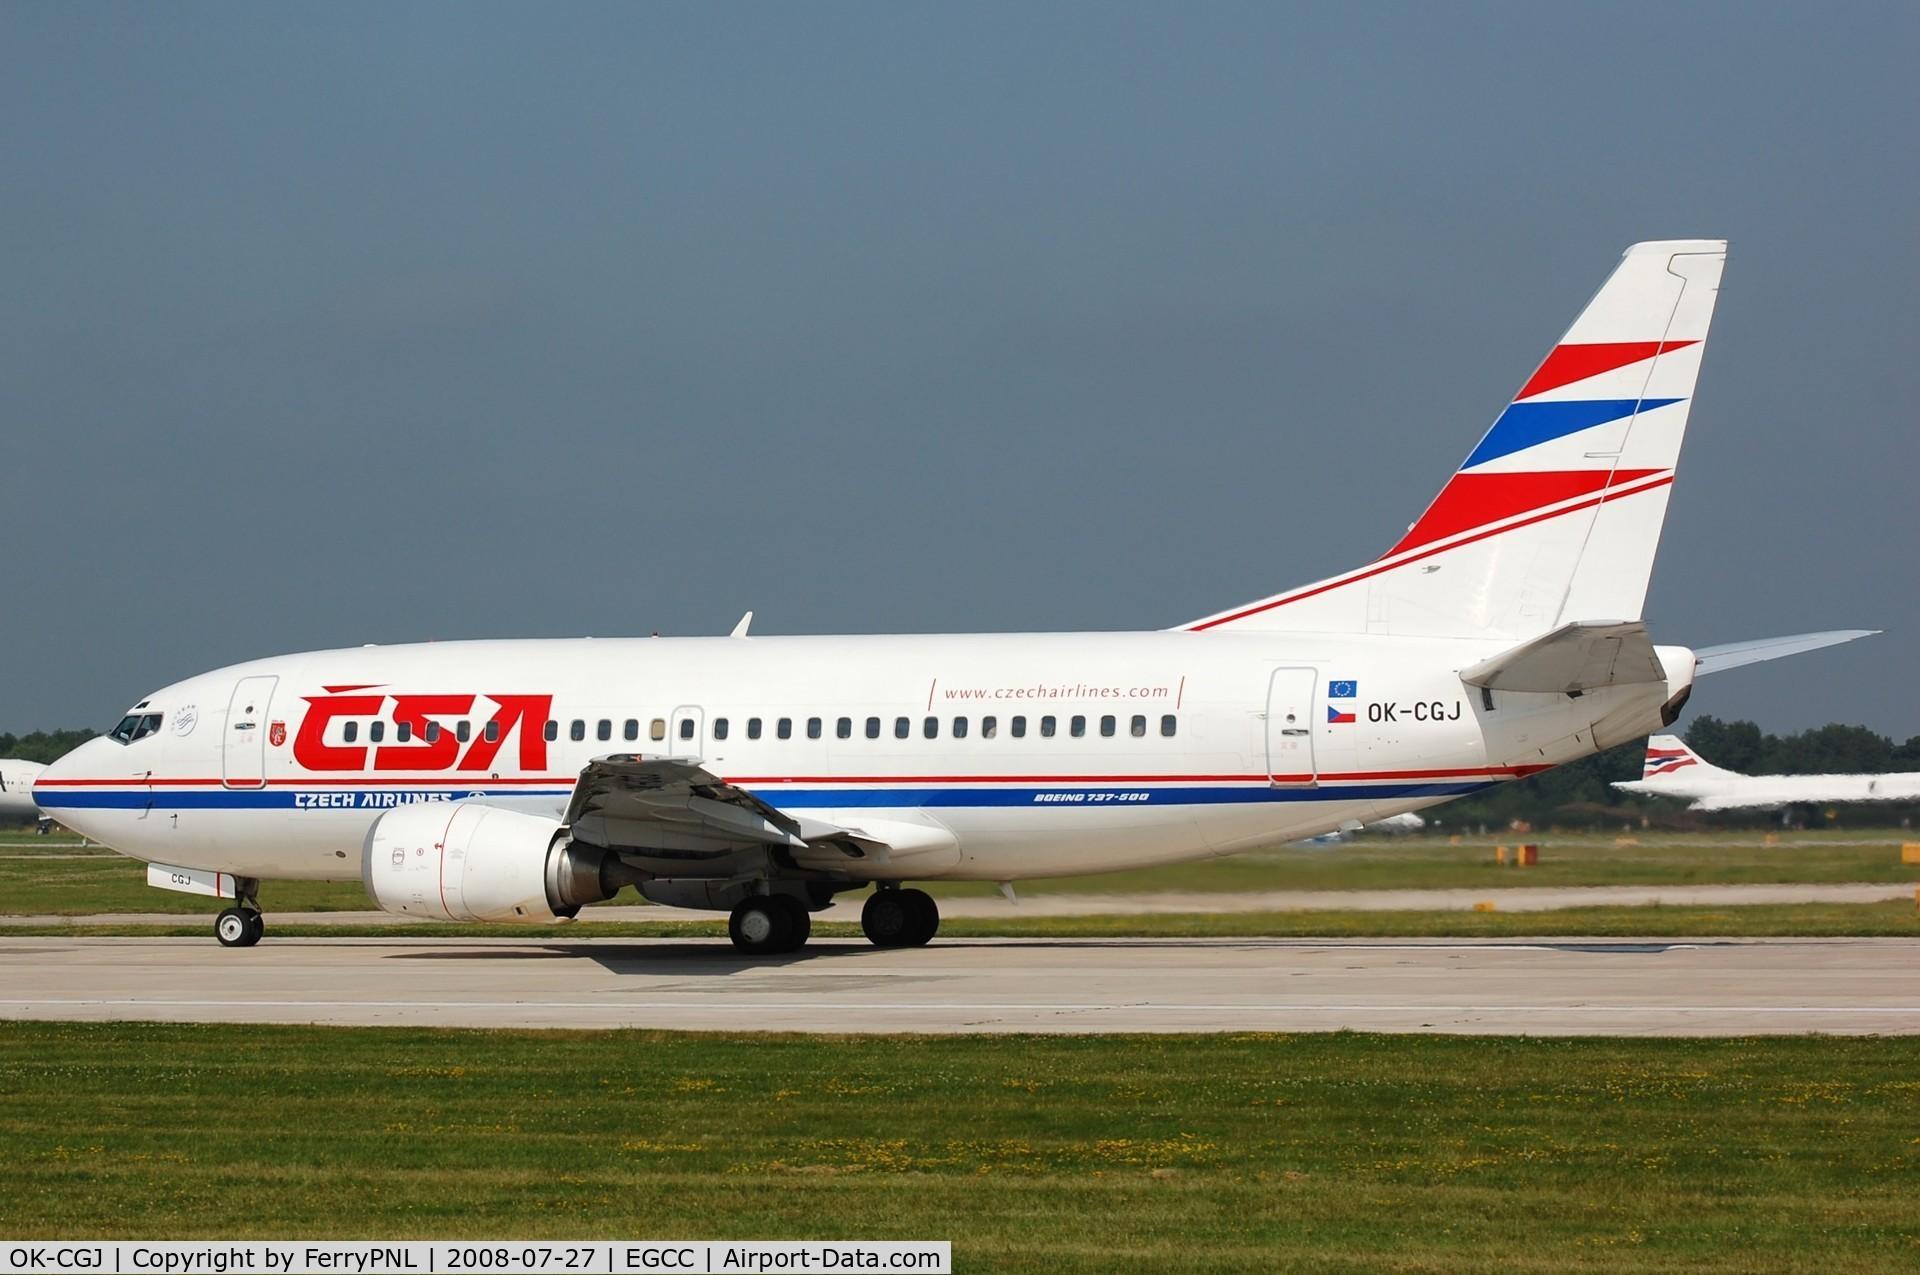 OK-CGJ, 1997 Boeing 737-500 C/N 28470, Departure of CSA B725 to PRG.